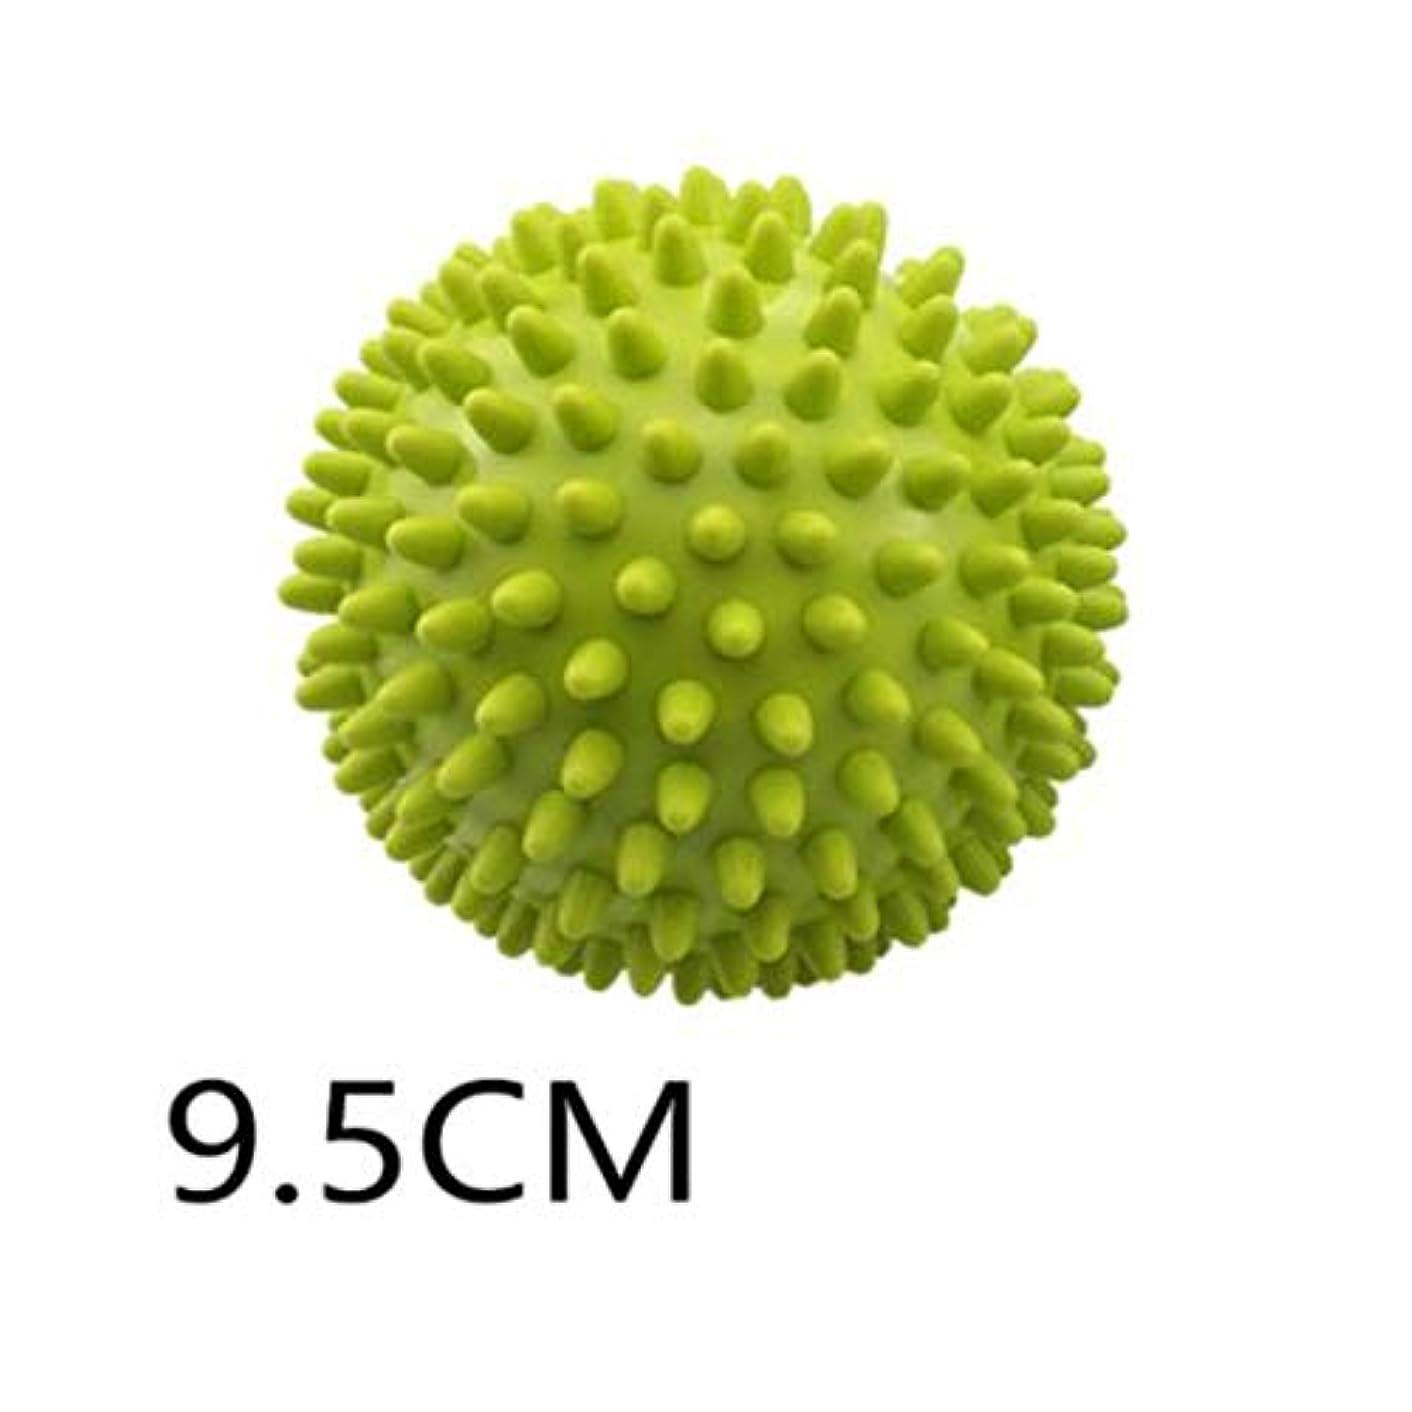 取り壊す特性超越するとげのボール - グリーン